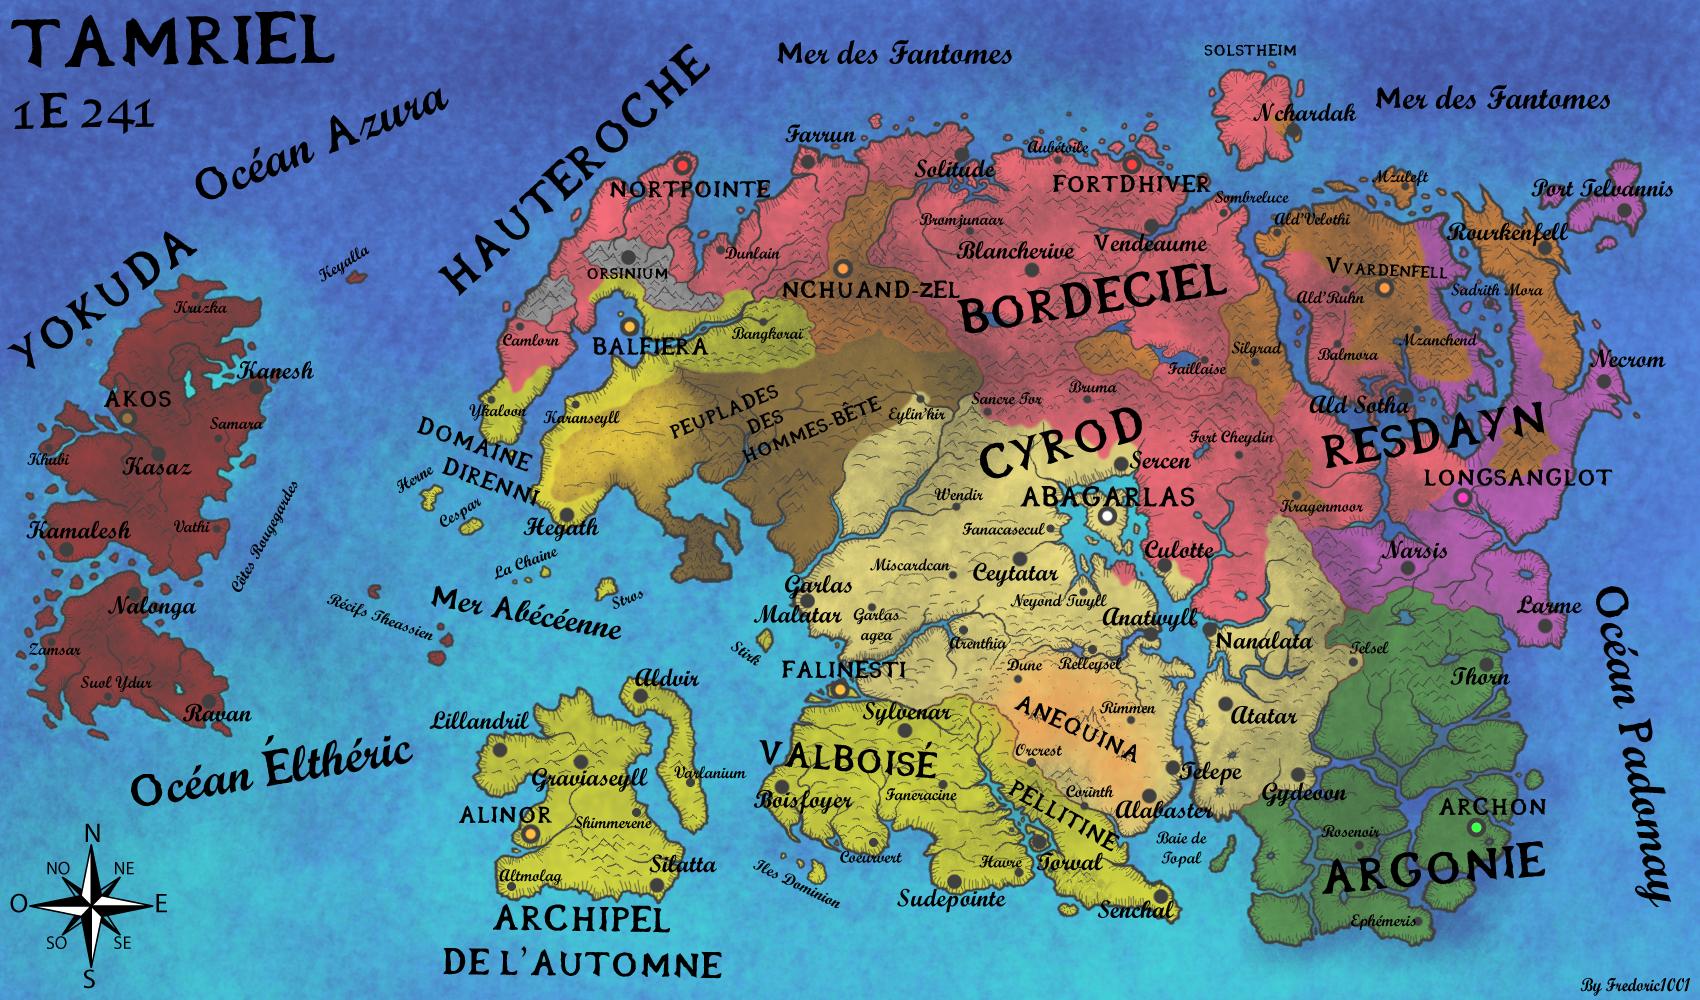 Cartographie Carte_geopolitique_de_tamriel_en_1e241_by_fredoric1001-d722bvk